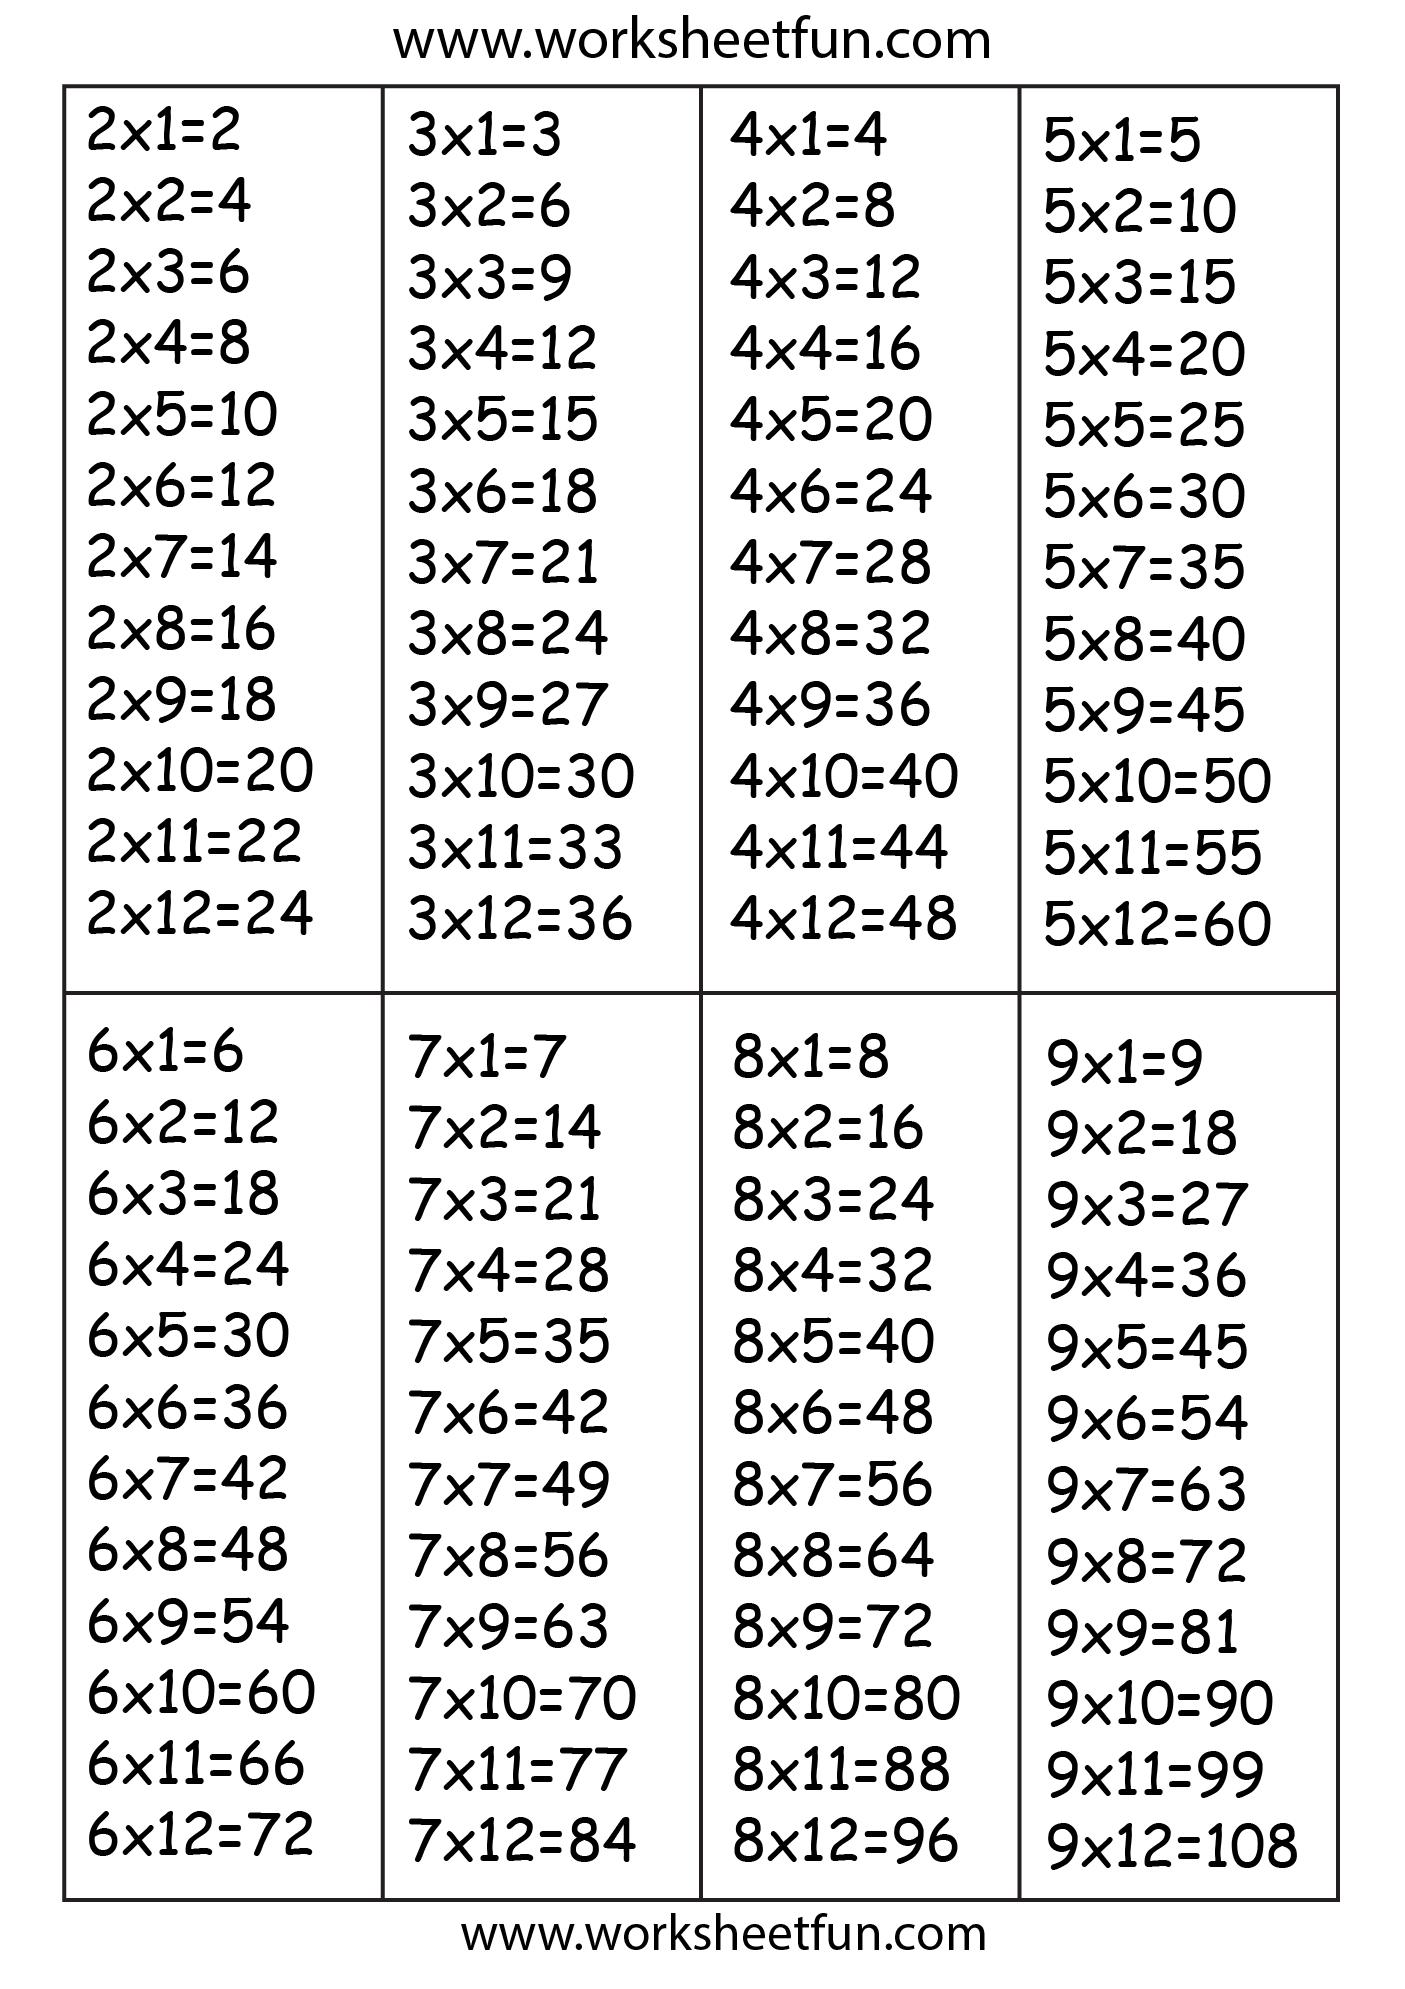 Times Table Chart – 2, 3, 4, 5, 6, 7, 8 & 9 / Free Printable